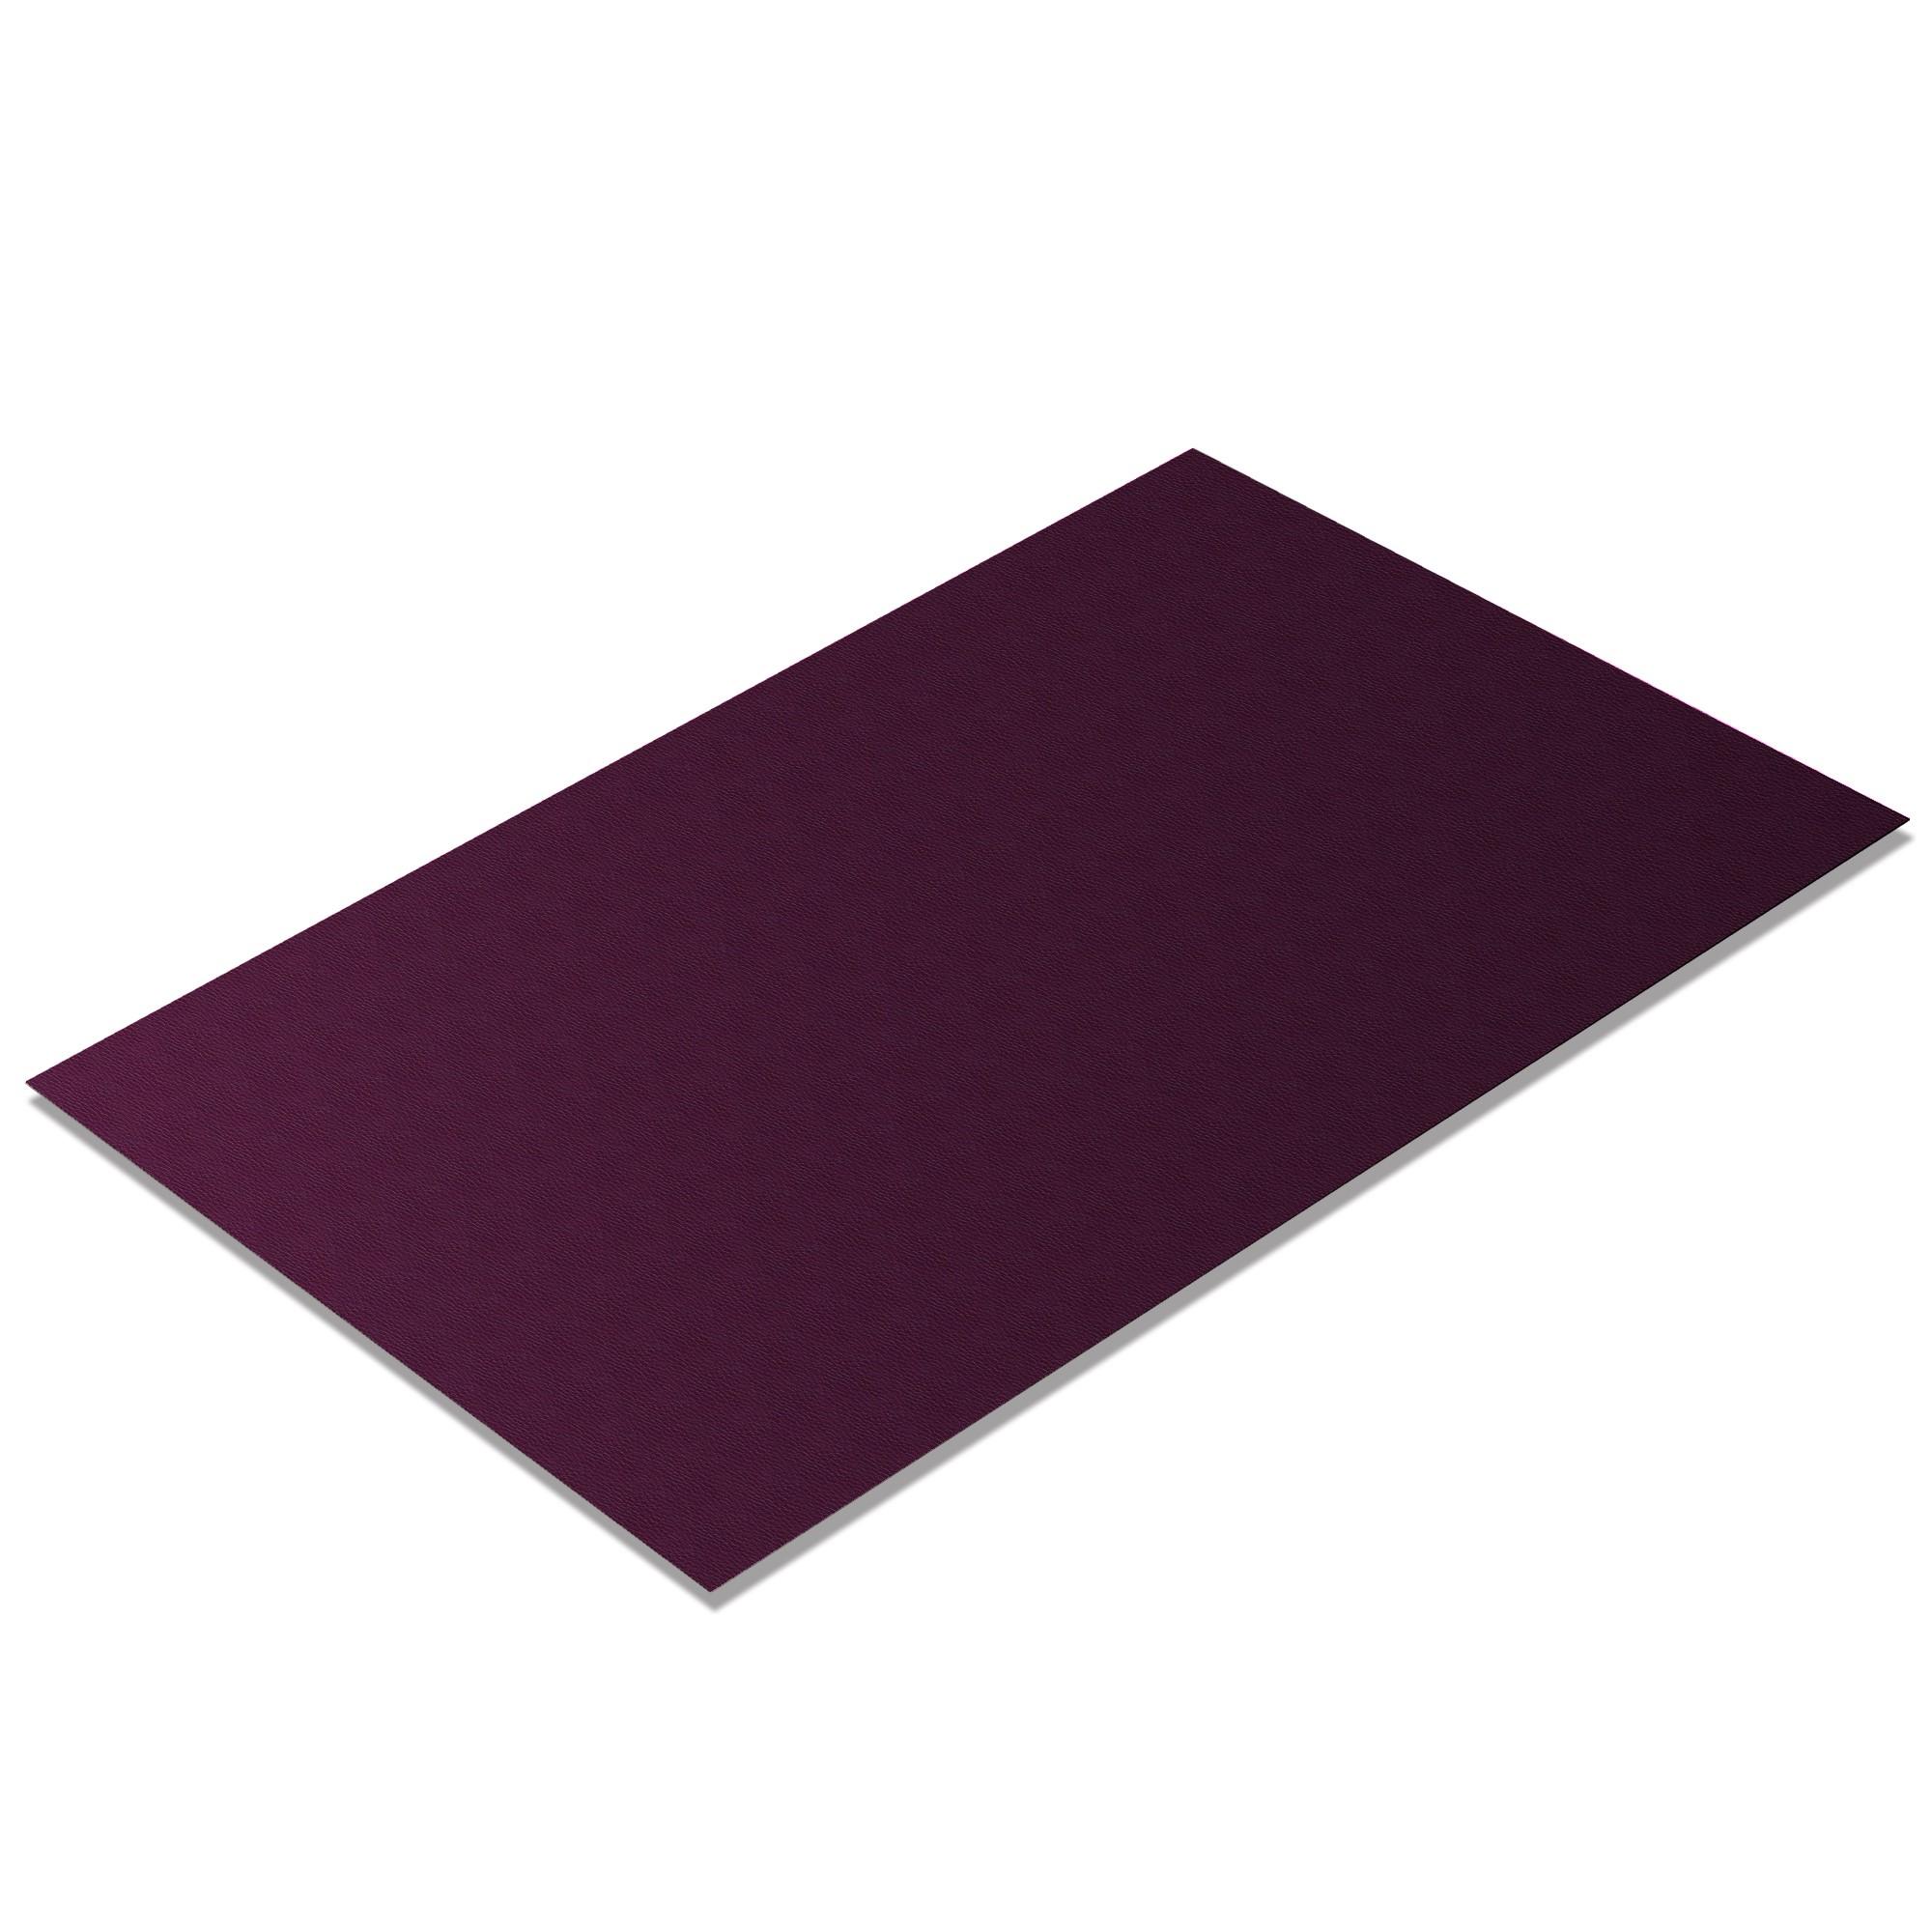 Kunstleder Meterware Florida Violett [FP3087]